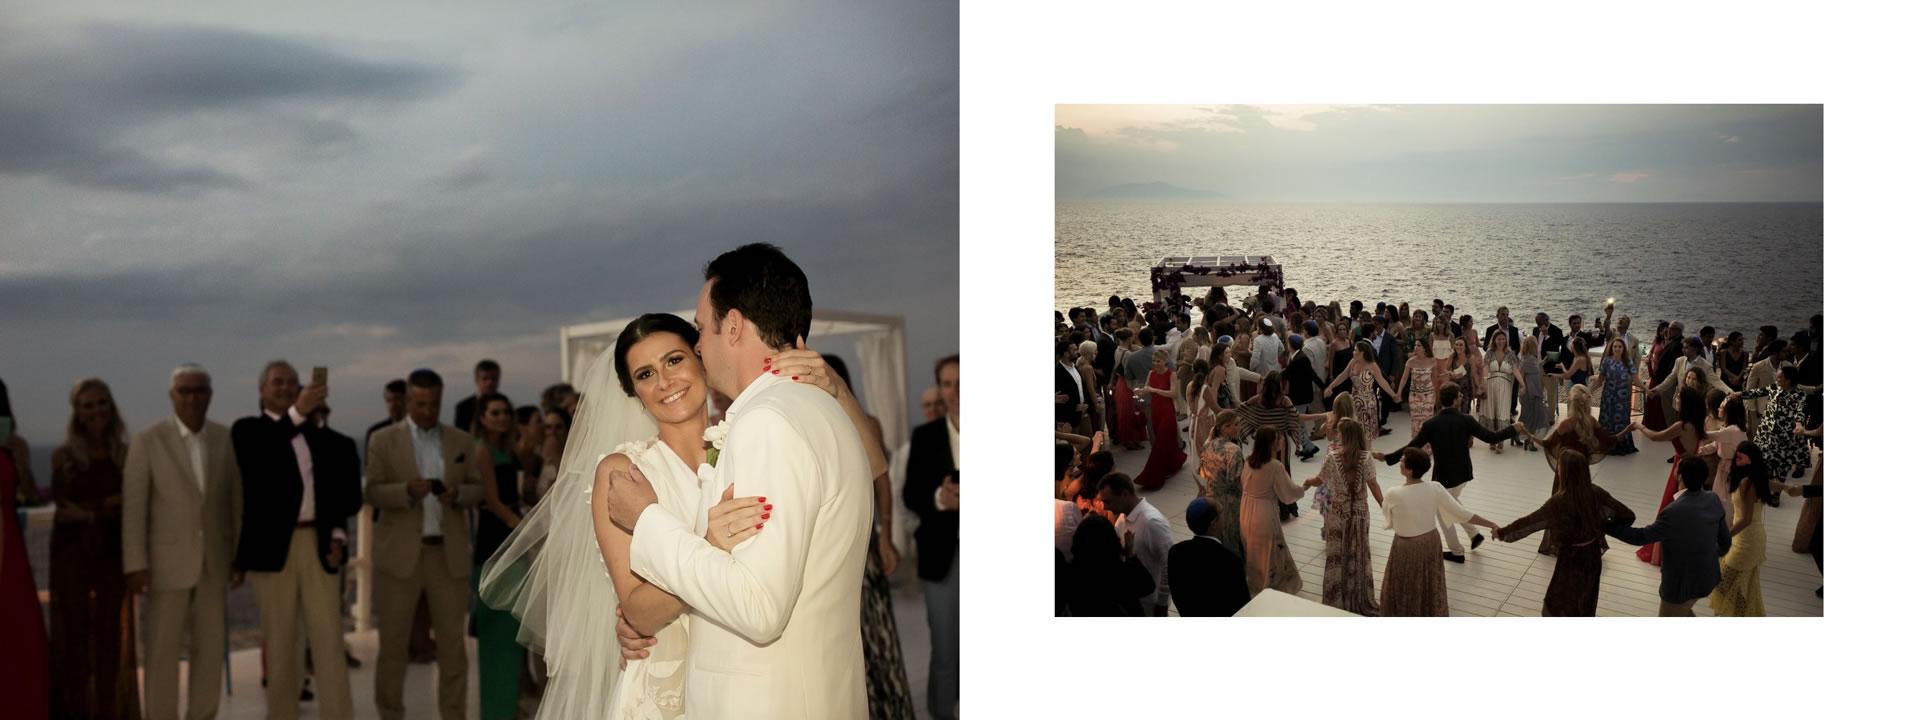 - 51 :: Jewish luxury wedding weekend in Capri :: Luxury wedding photography - 50 ::  - 51